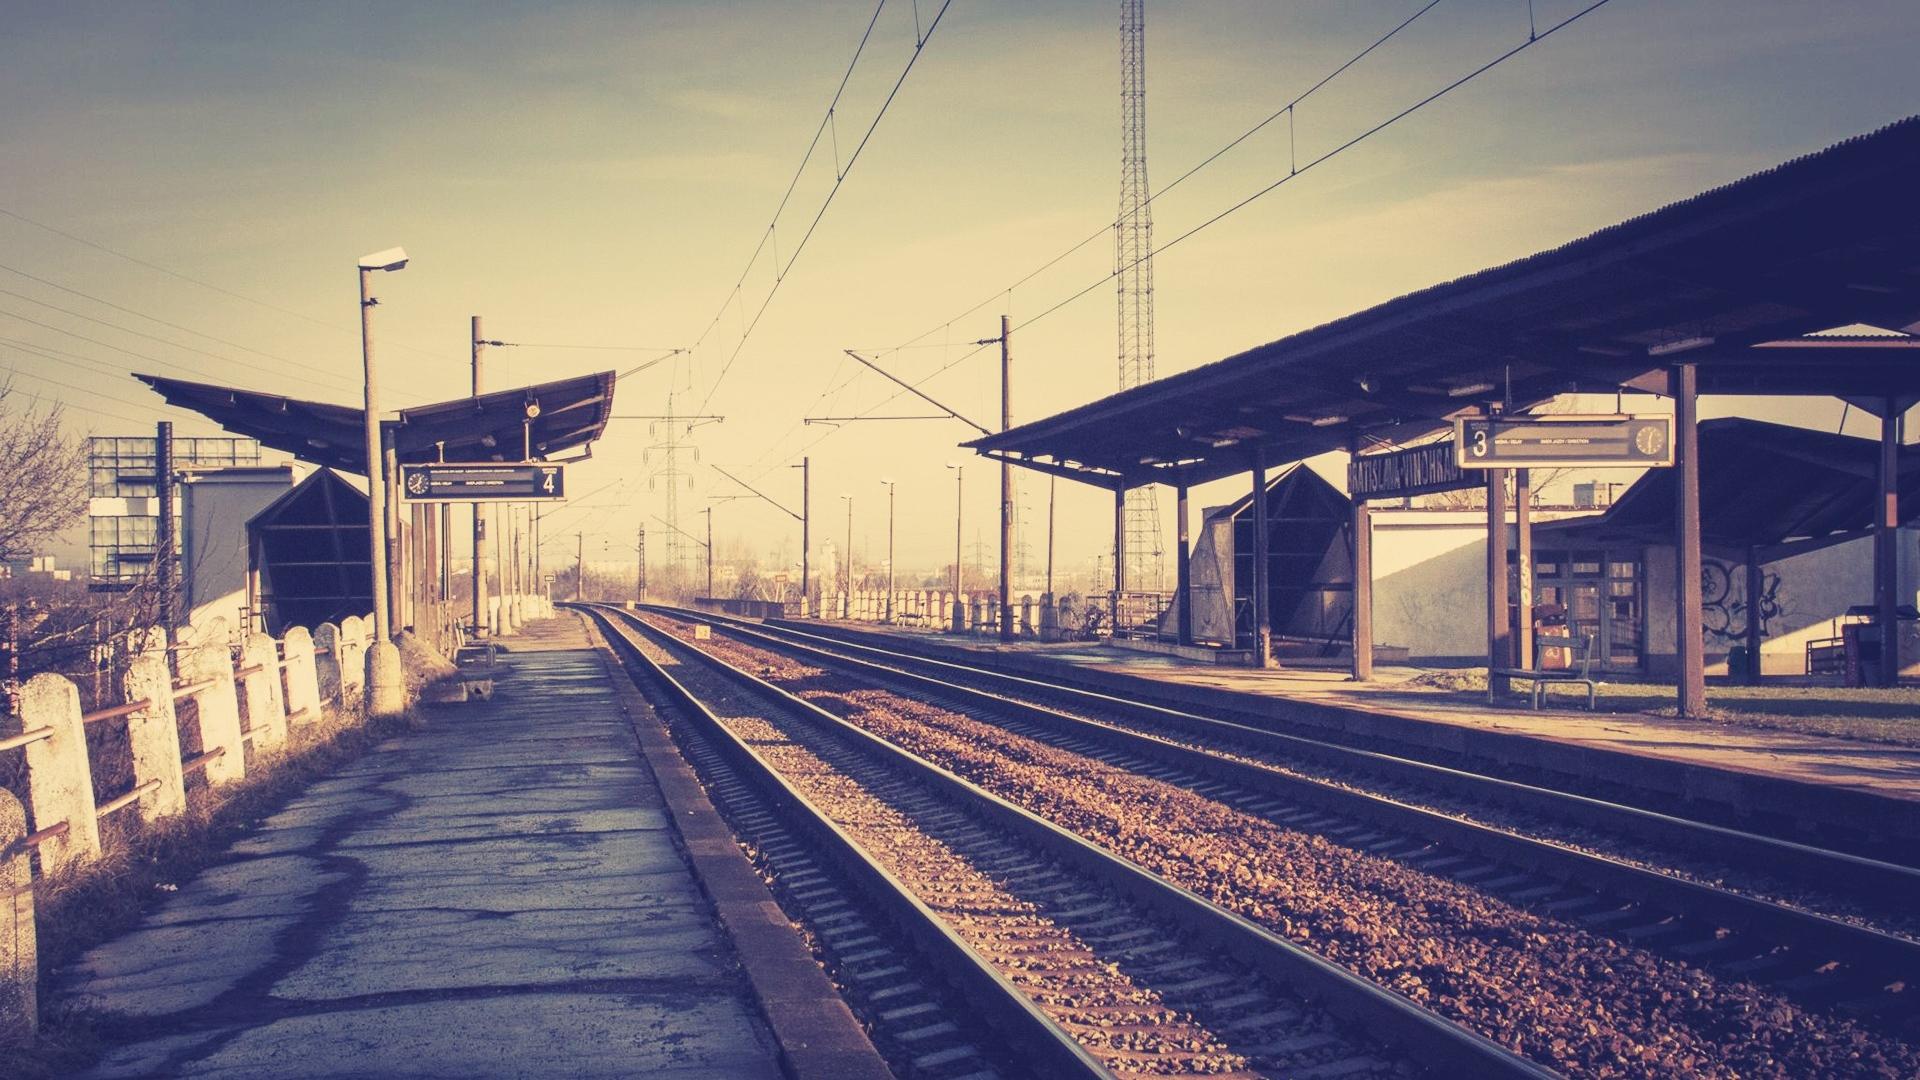 Unduh 1080+ Background Hd Train Paling Keren